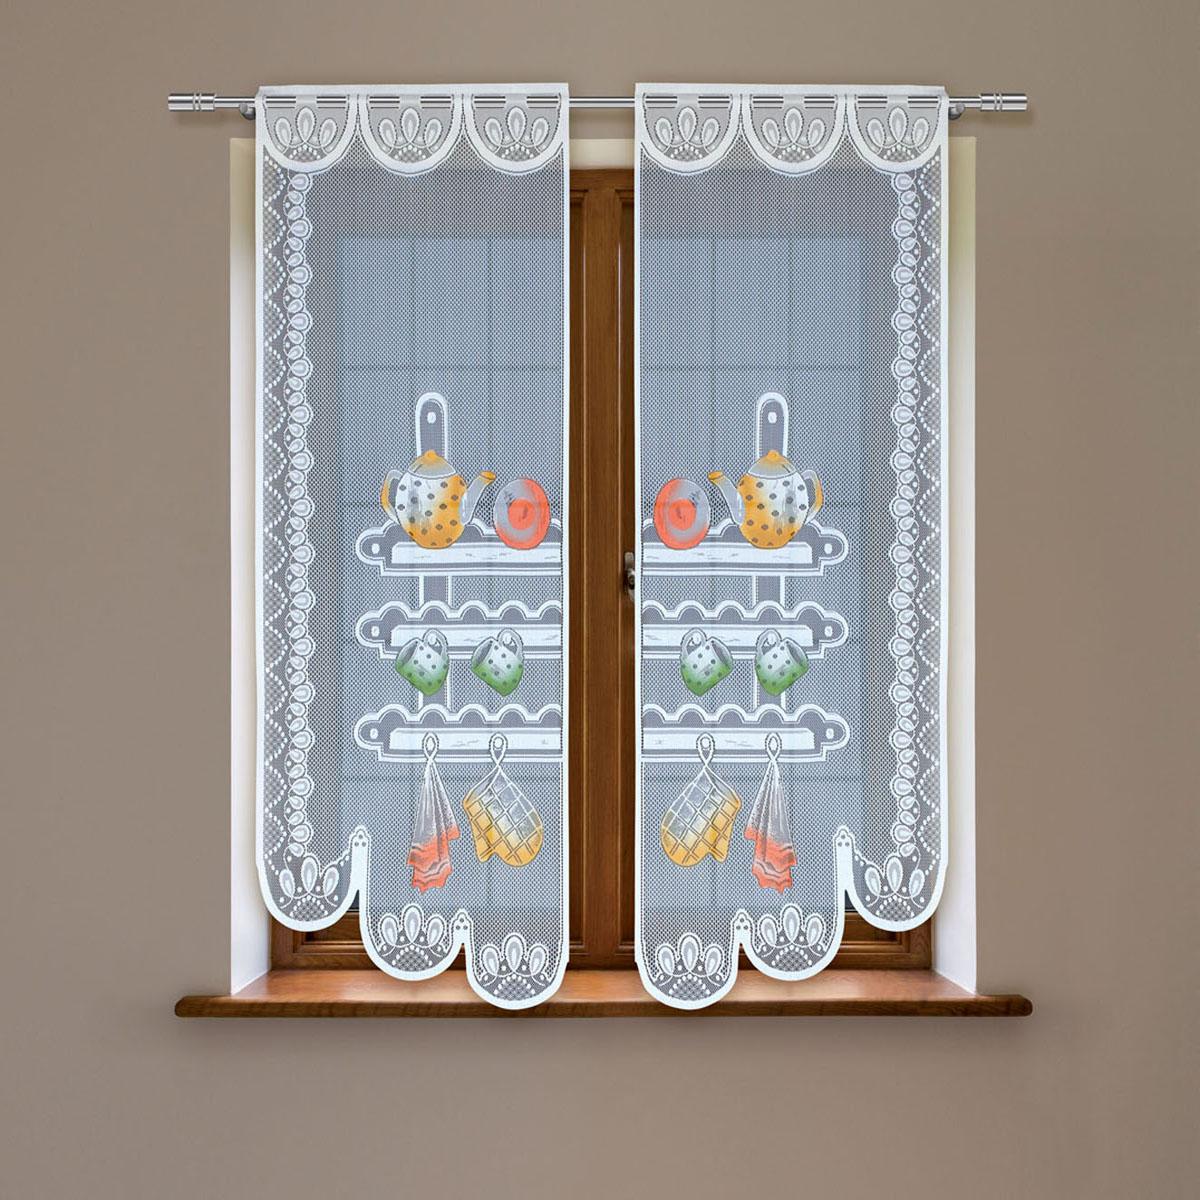 Гардина Haft, цвет: белый, высота 160 см. 8603С/608603С/60Гардина имеет в верхней части полотна прорези, через которые гардина-витраж вывешивается на карниз или можно крепить на зажим для штор,котрый в комплект не входит.Комплект состоит из двух полотен (выс.160* шир.60) Размеры: (высота 160* ширина 60)*2